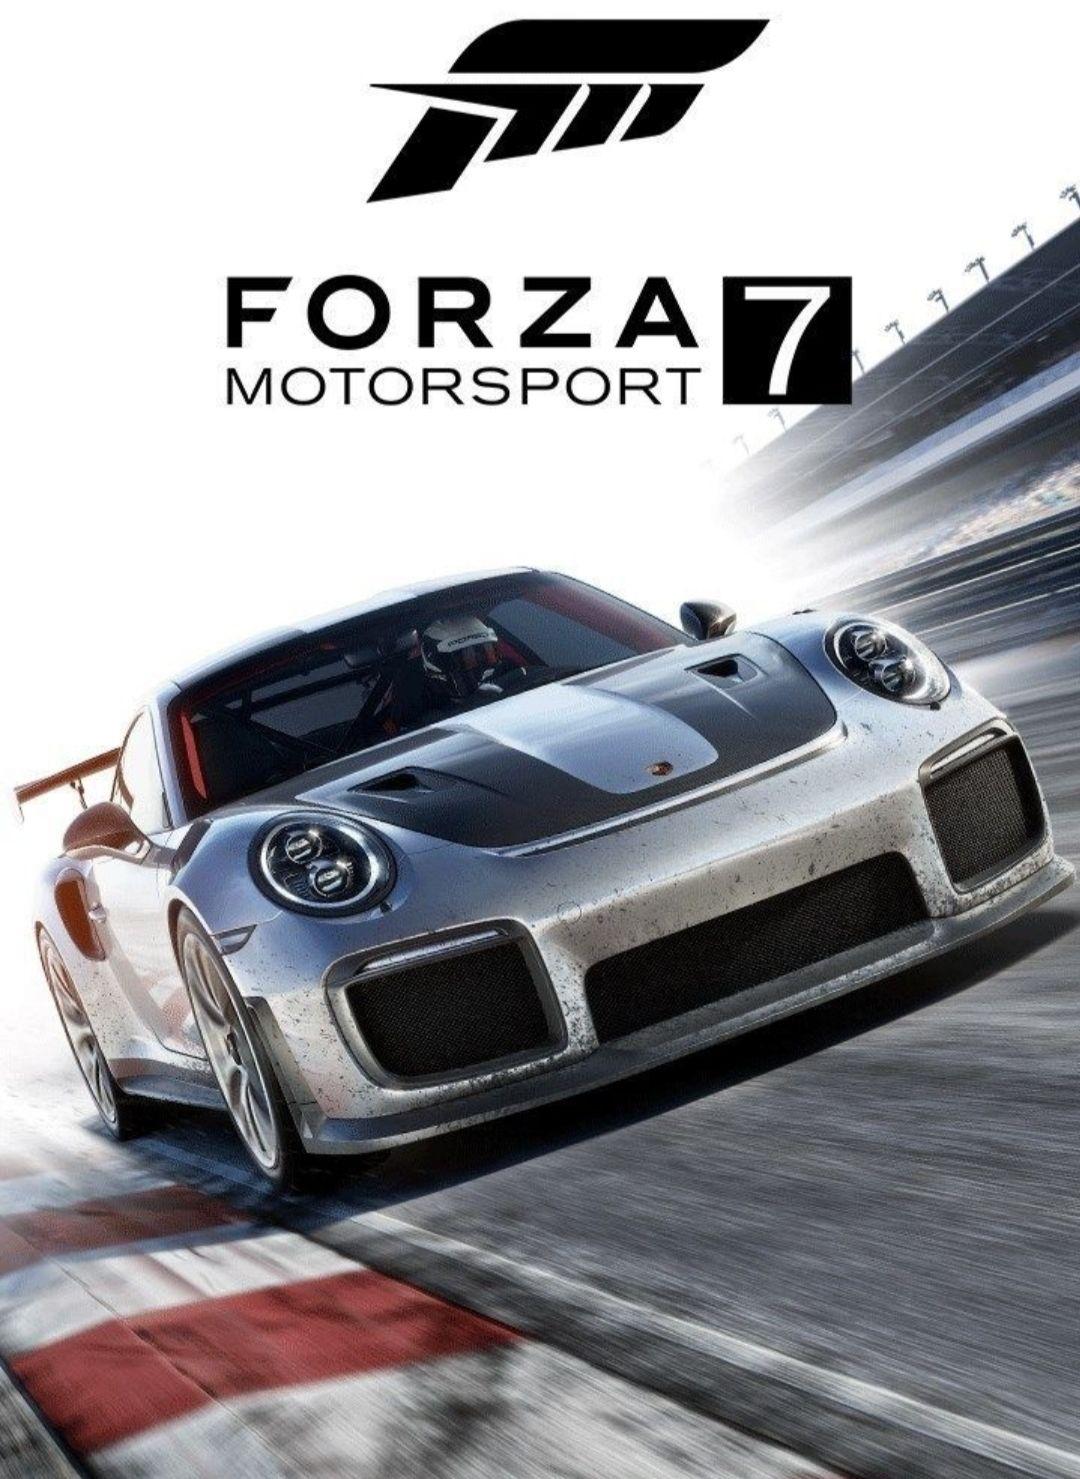 Forza Motorsport Edición Deluxe